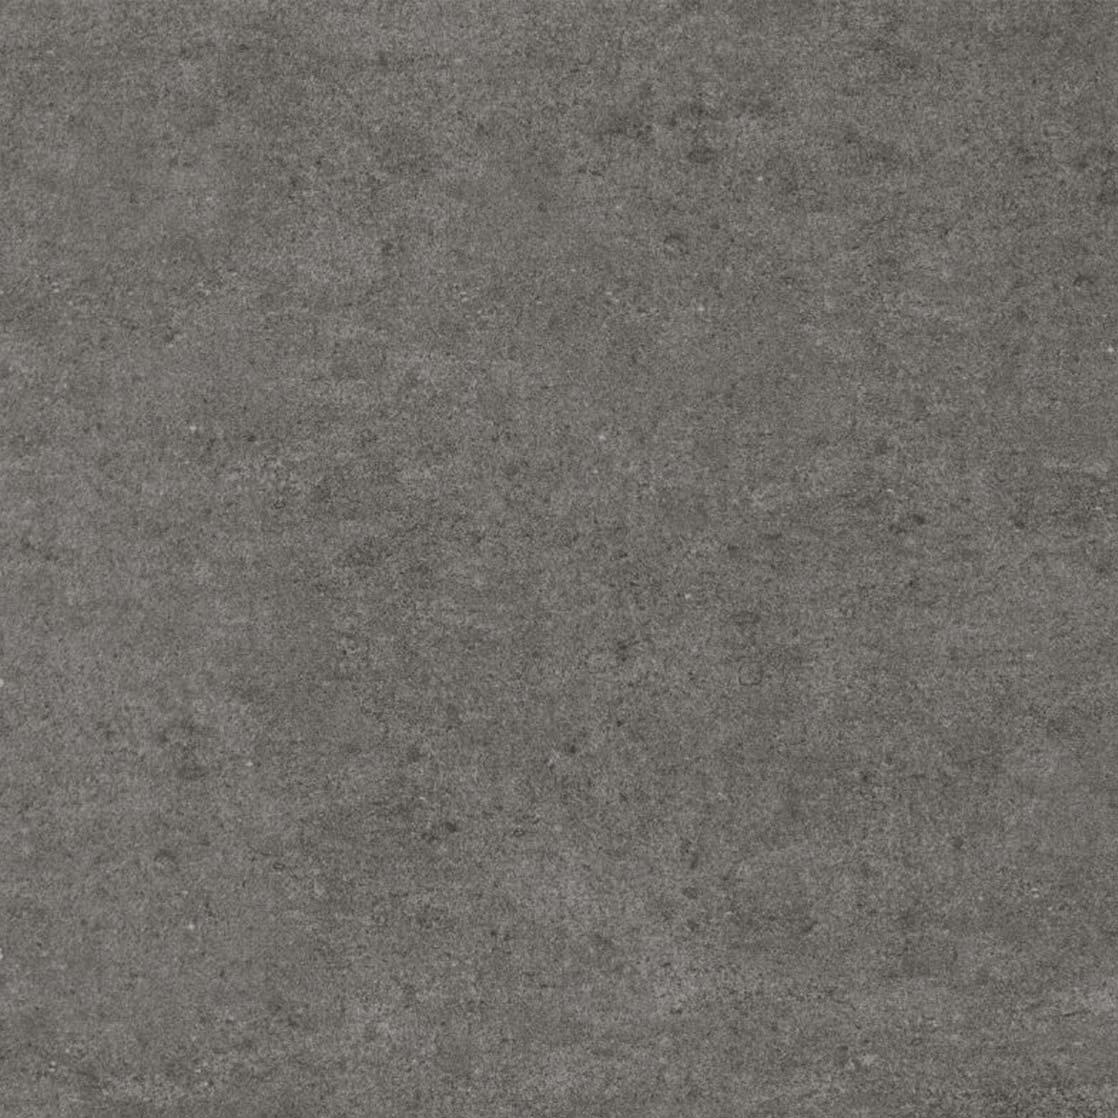 Gạch lát nền 600x600 Viglacera BS6603 giá ưu đãi